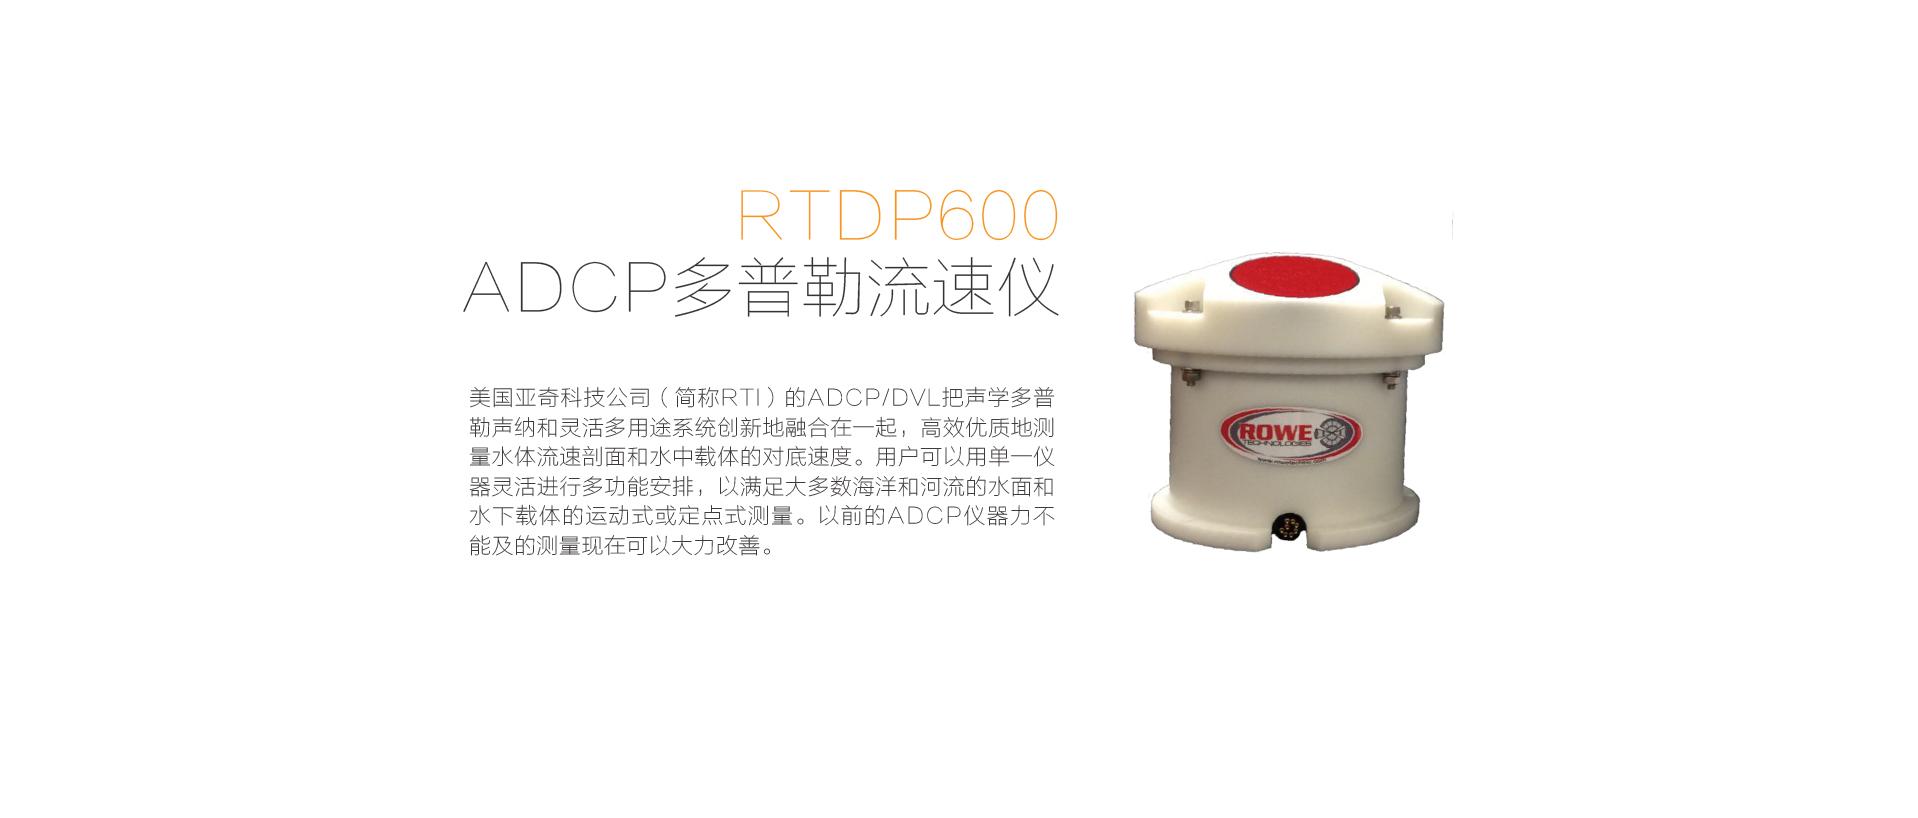 華測導航RTDP600 ADCP多普勒流速儀,高效優質的水體流速測量儀,華測導航